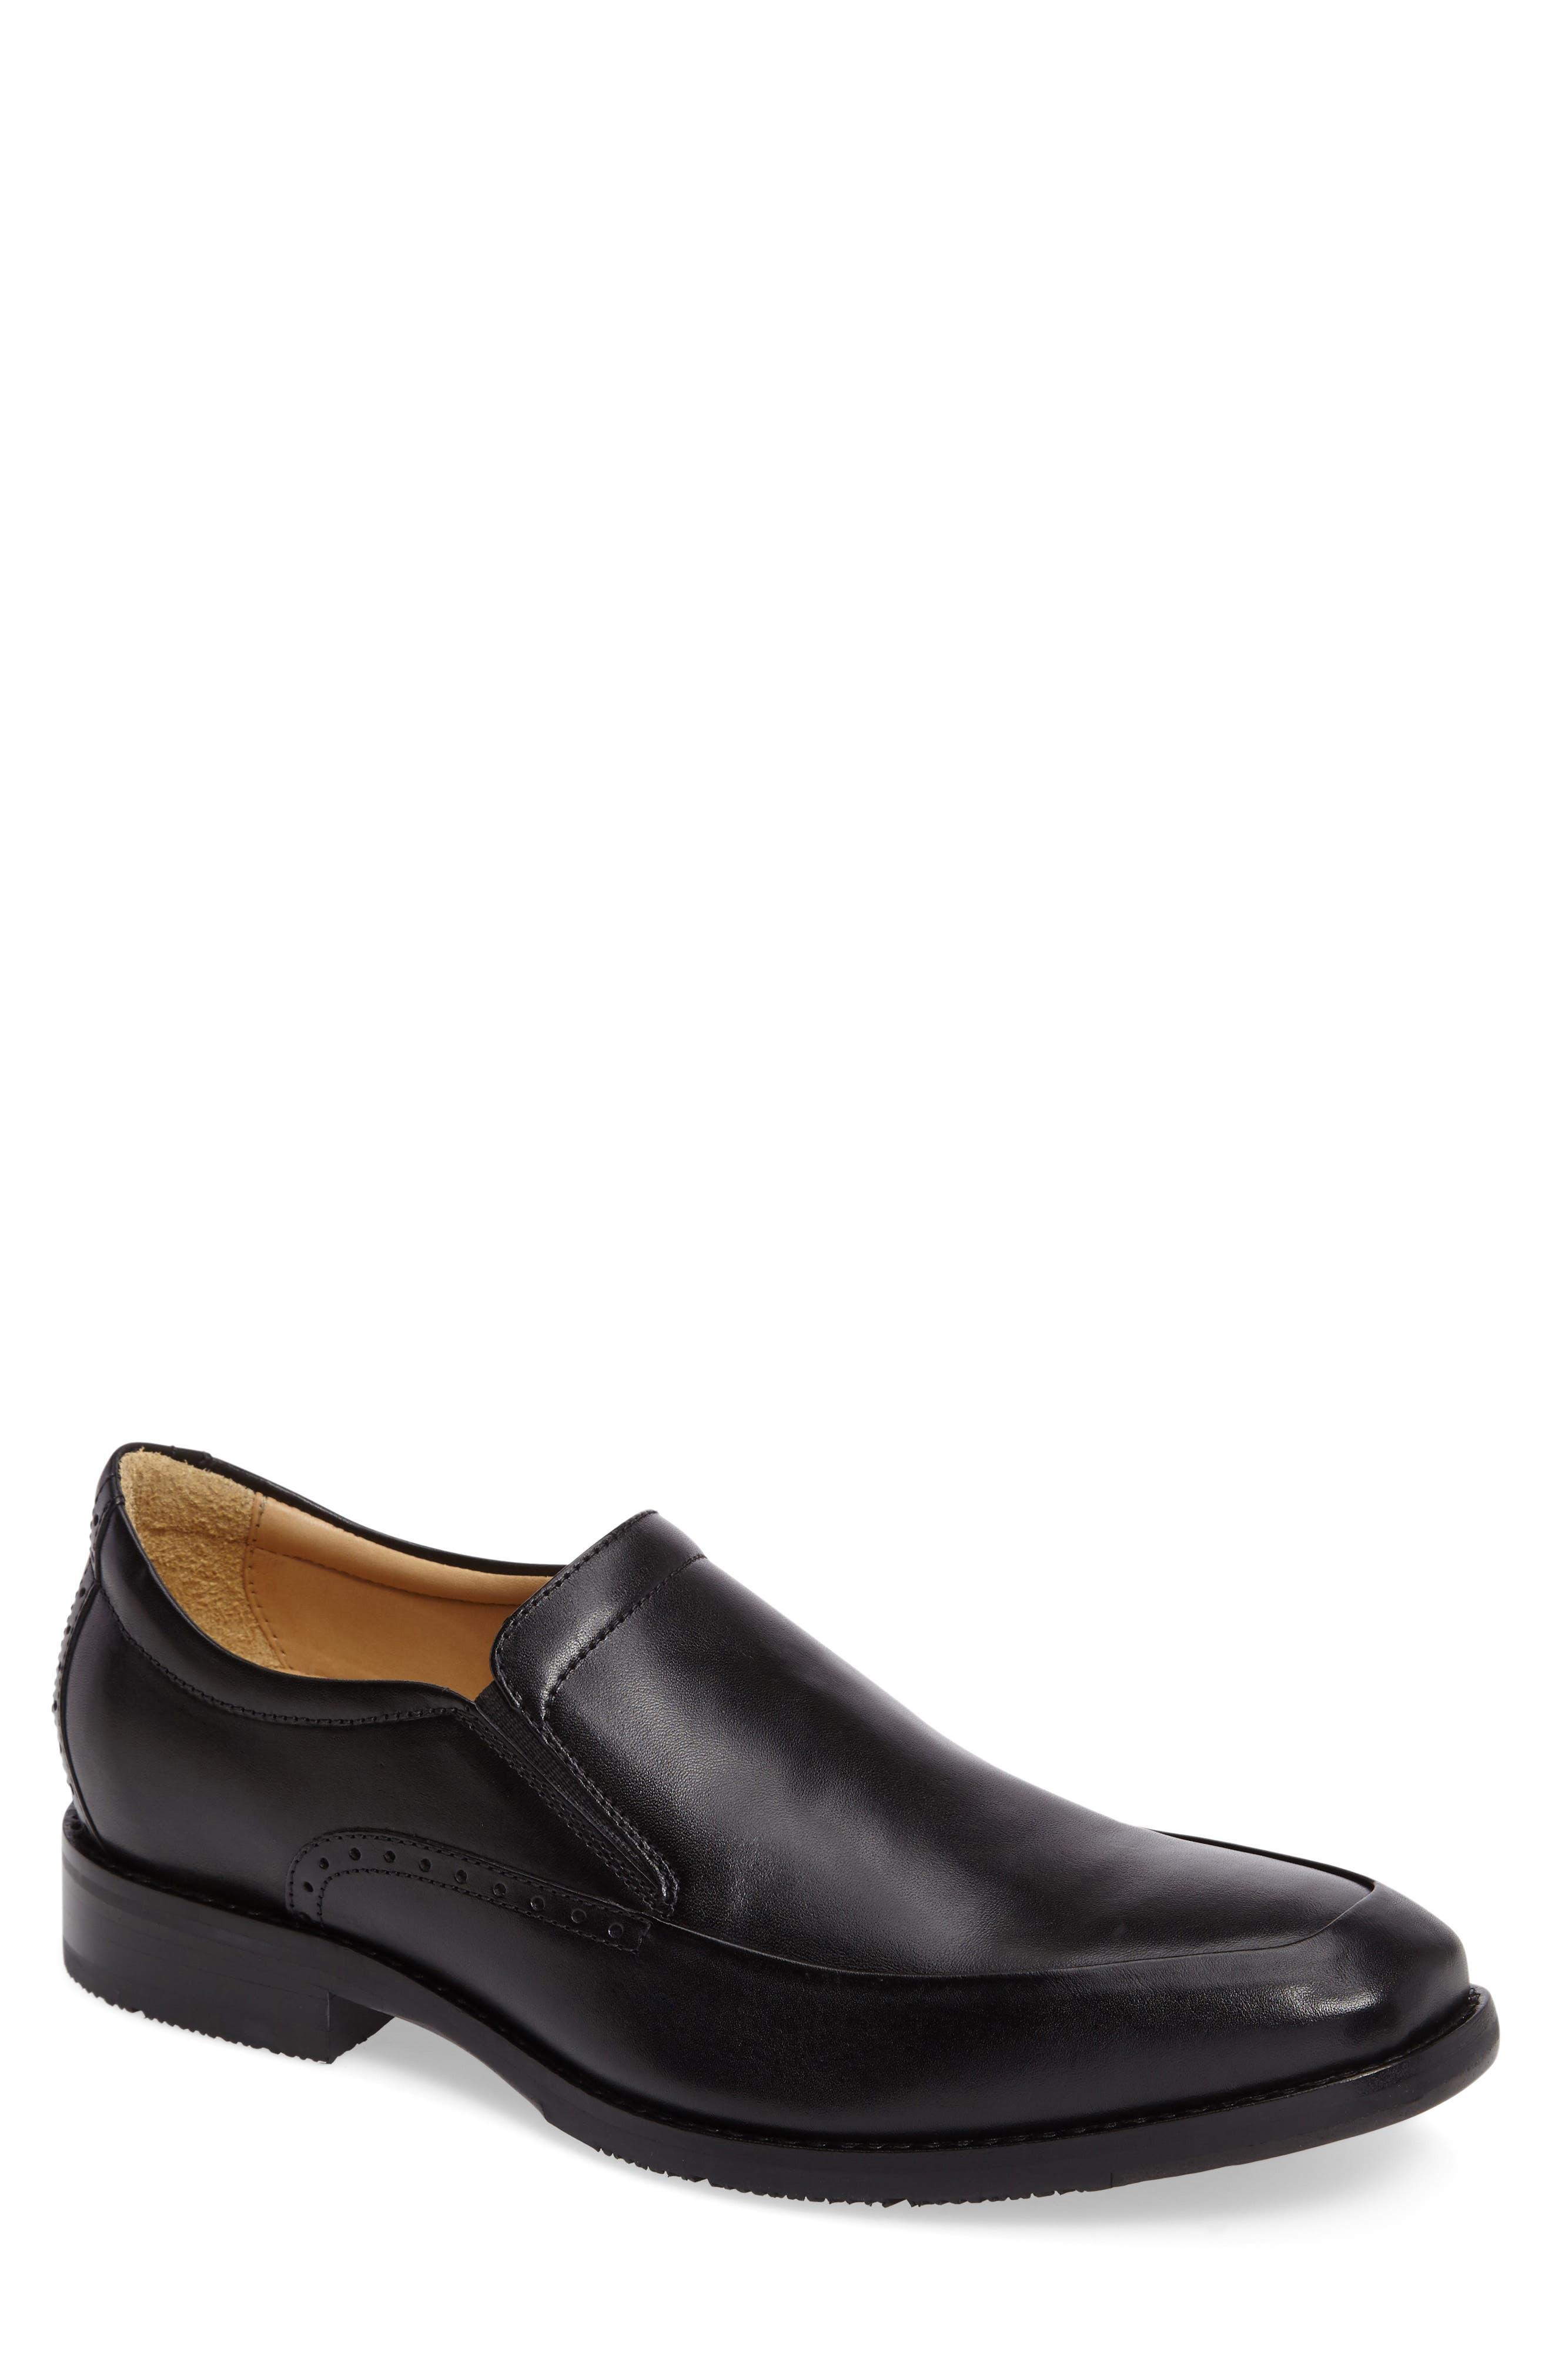 Johnston & Murphy Garner Venetian Loafer (Men)